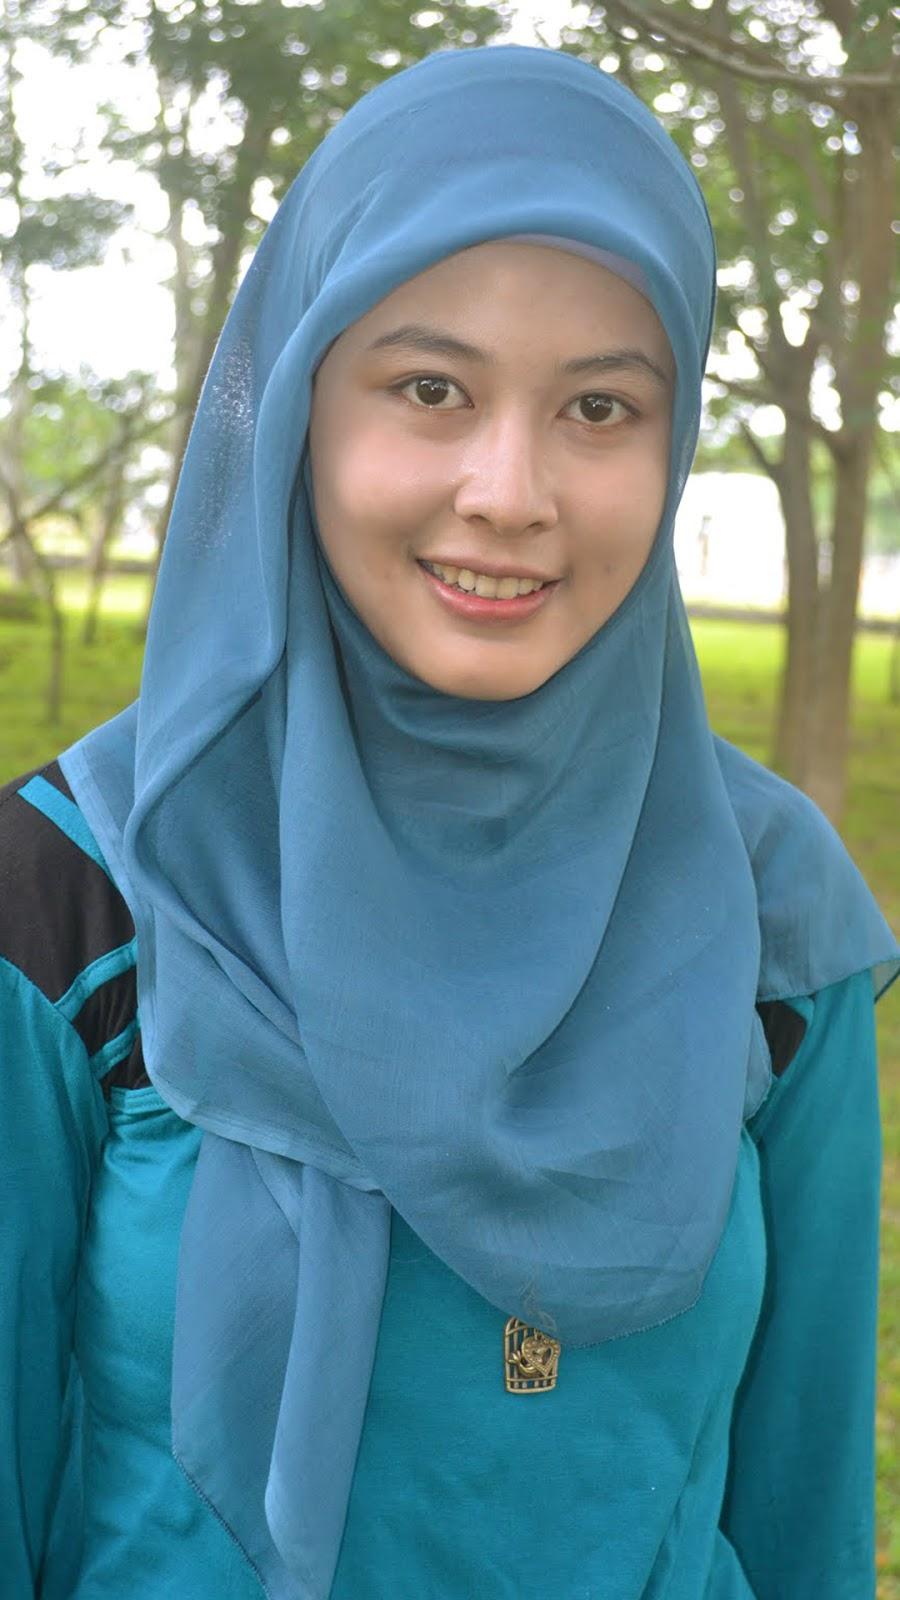 Mahasiswi Cewek Jilbab Selfie alami tanpa make up